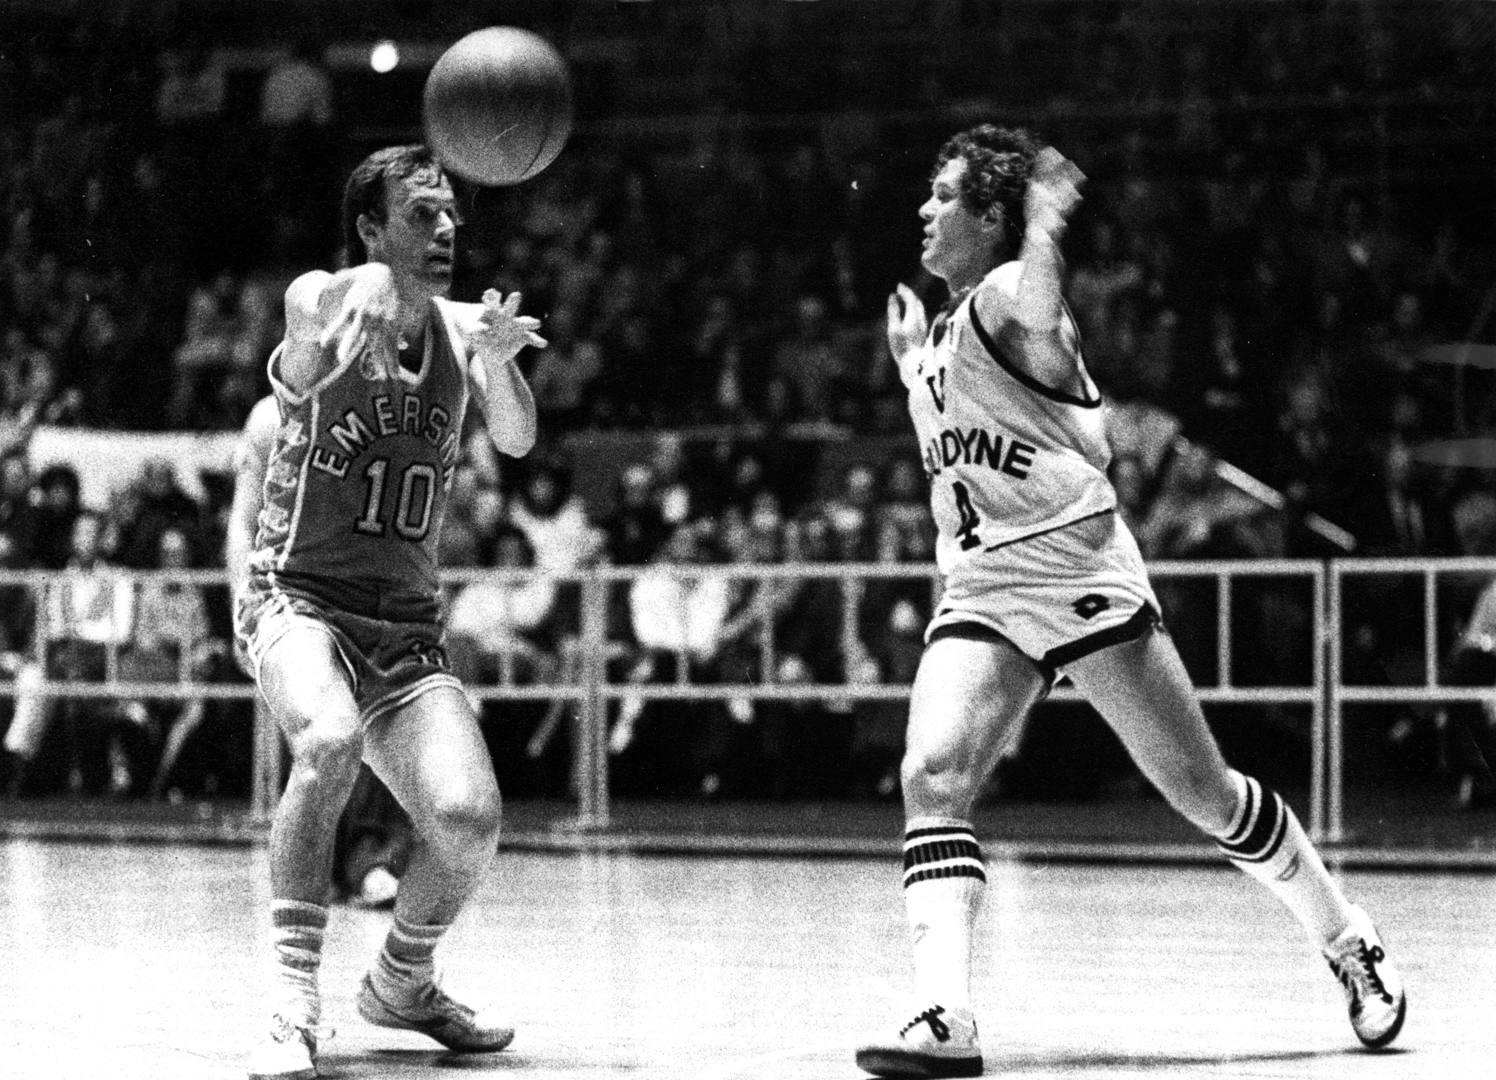 I migliori giocatori italiani di basket nati negli anni '40